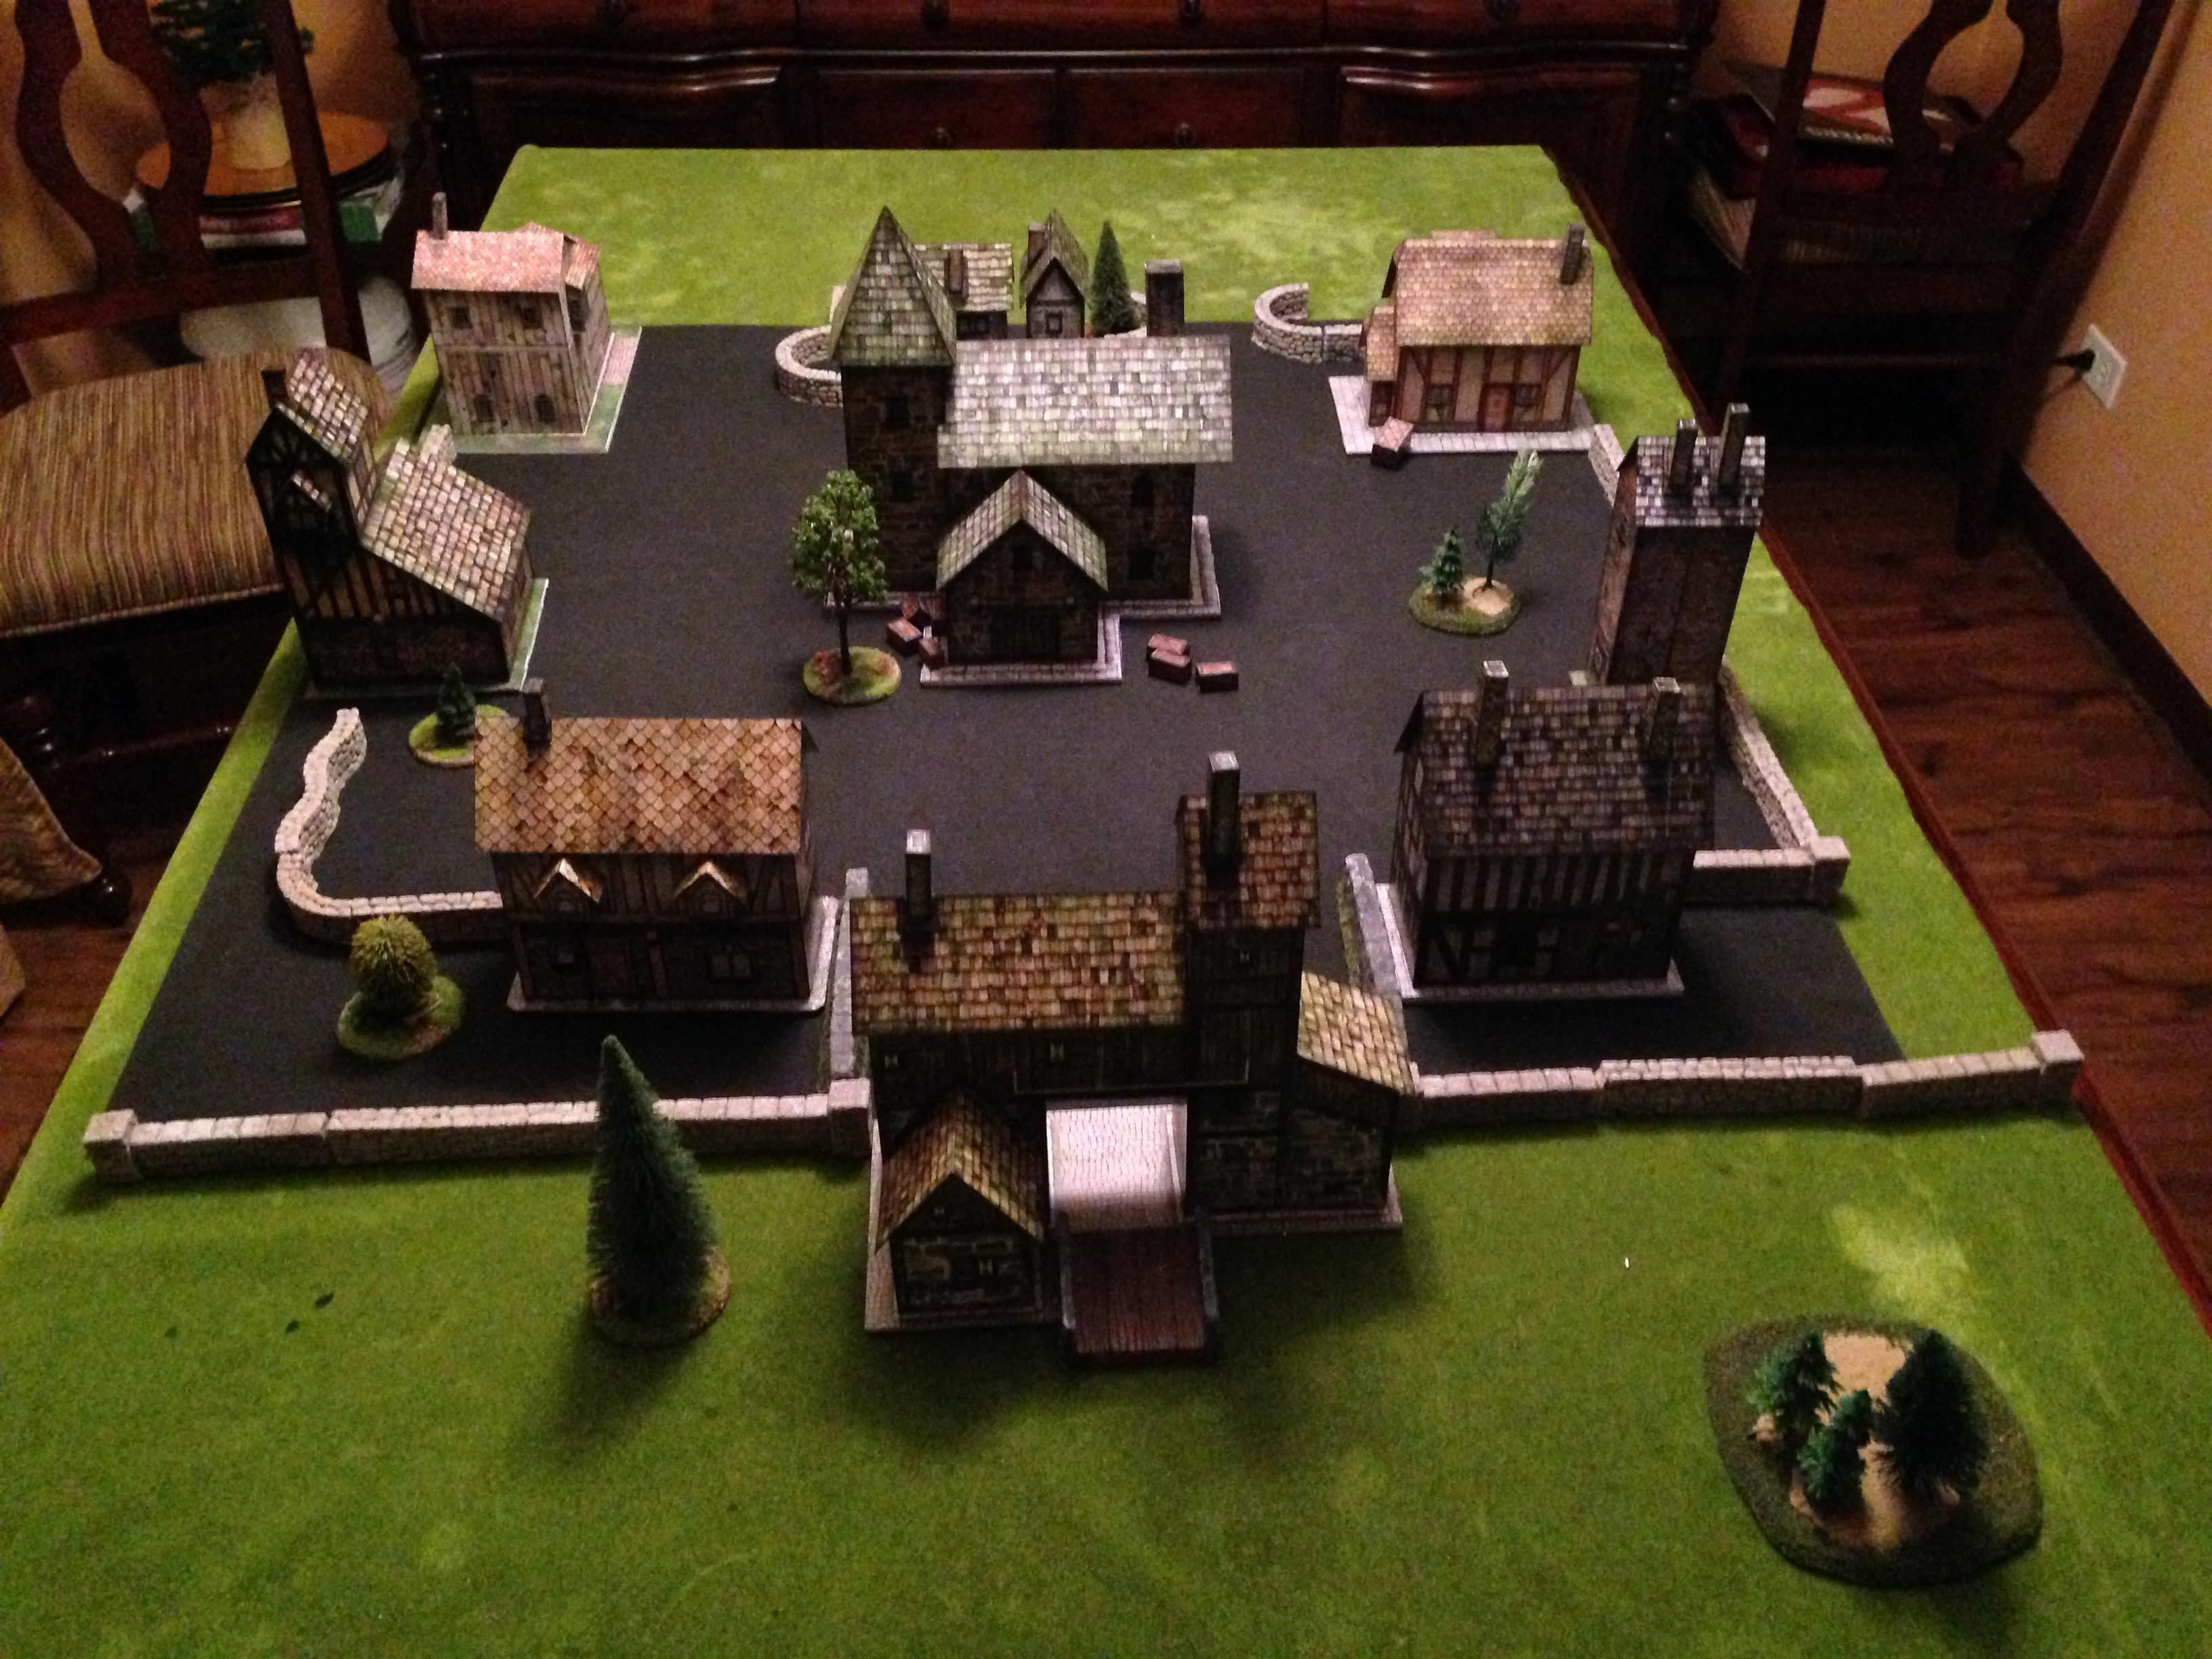 Age Of Sigmar, Battle Report, Dave Graffam Models, Duardin, Dwarf Town, Dwarves, East Gate, End Times, Minature Town, Models, Skaven, Warhammer Fantasy